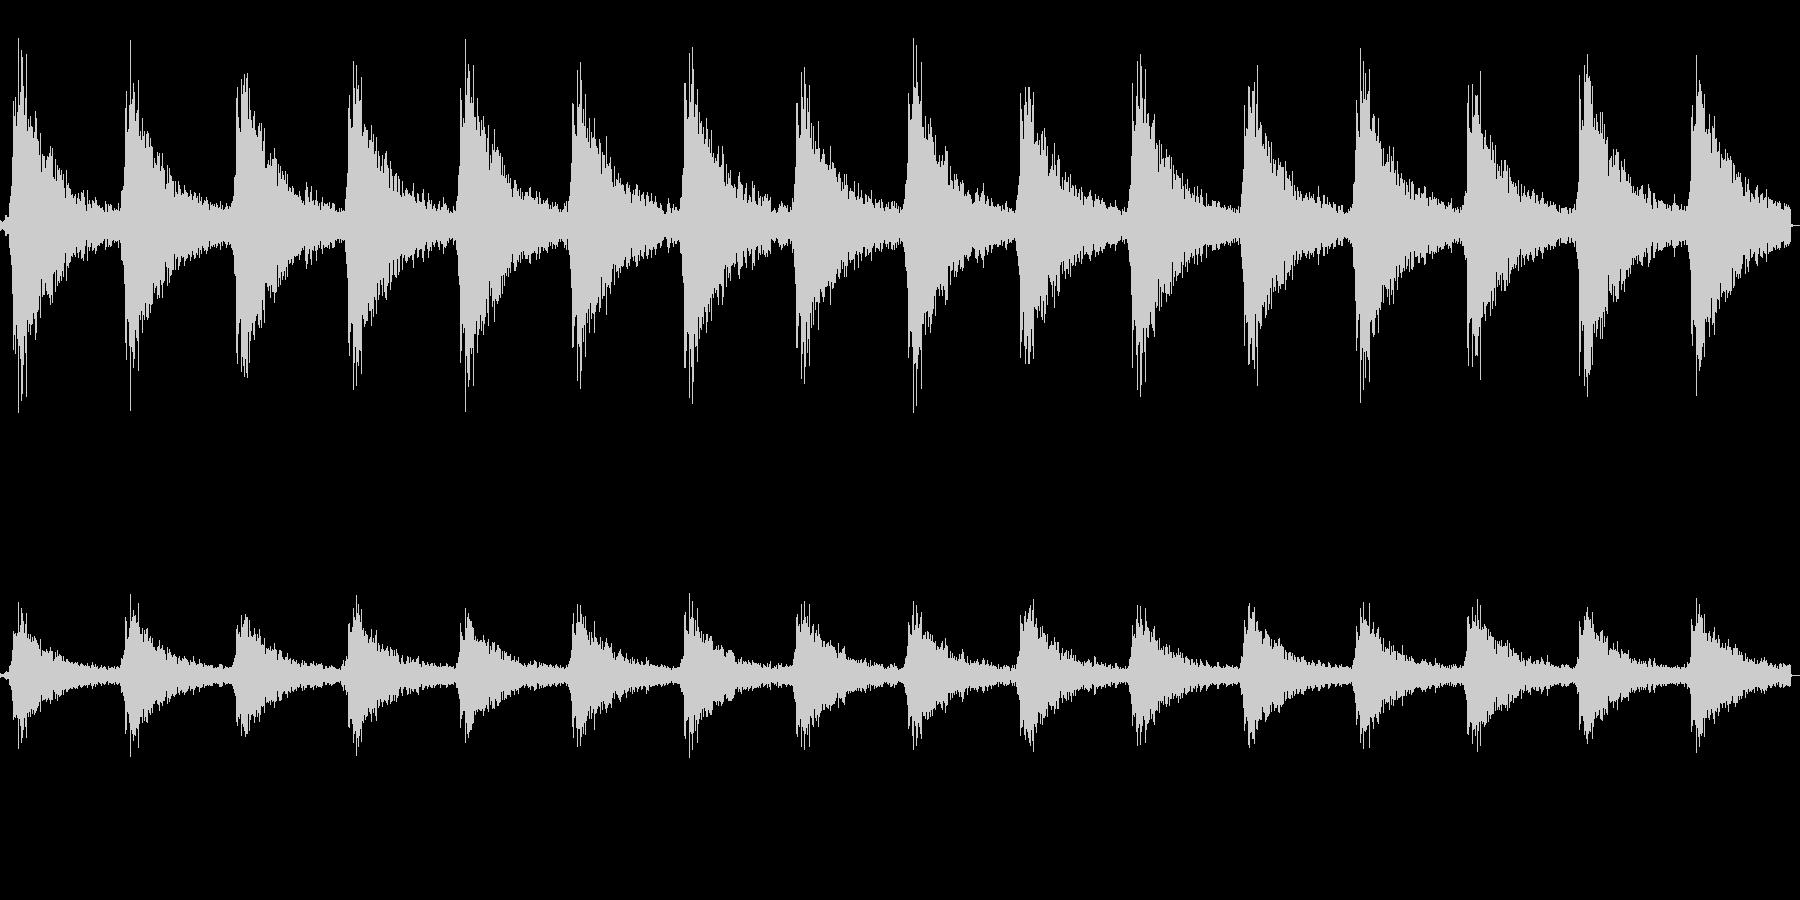 ジングルベル(クリスマスの鈴)の未再生の波形